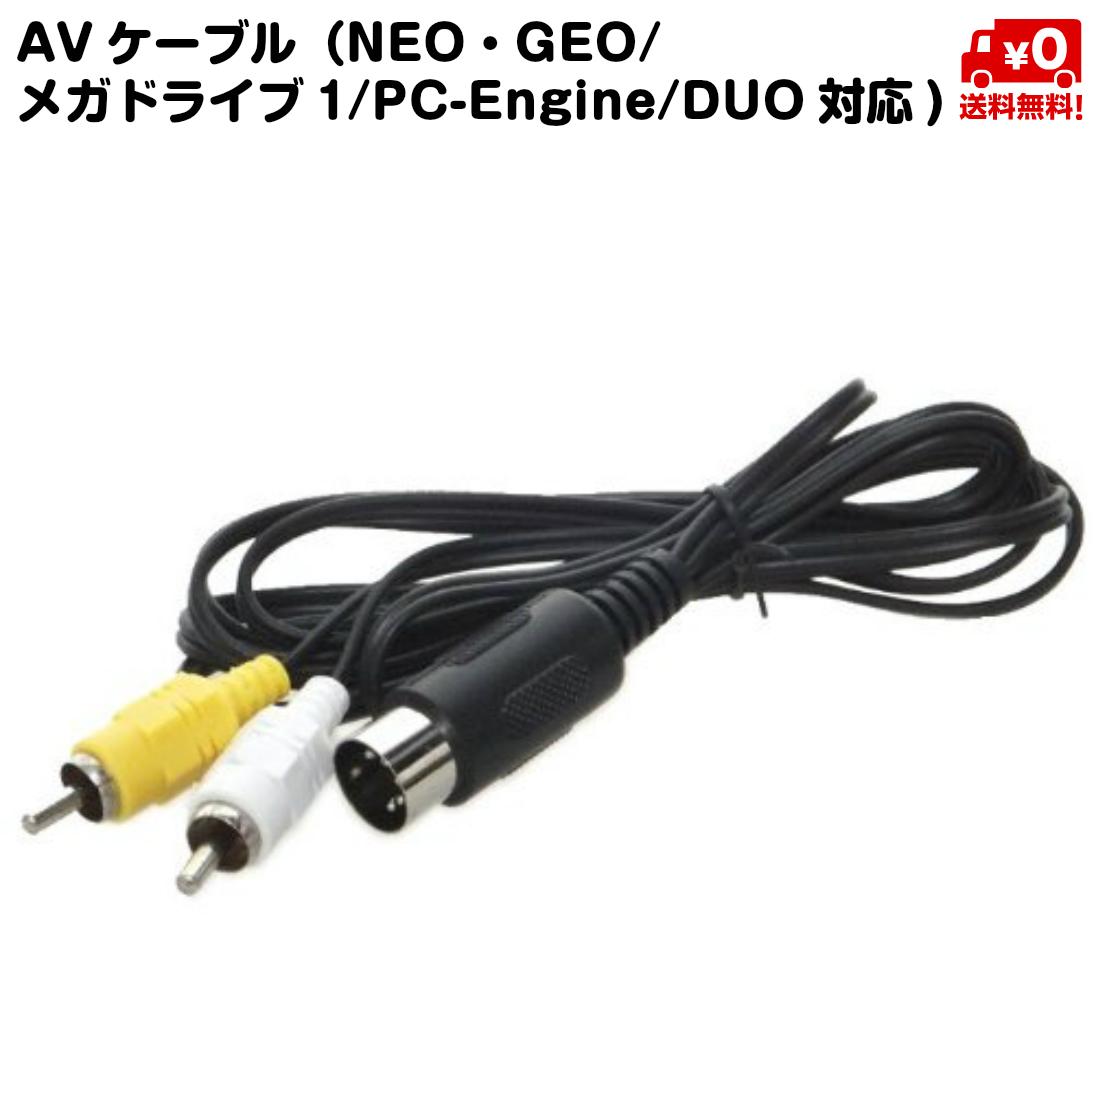 期間限定送料無料 互換ケーブル AVケーブル ネオジオ NEOGEO メガドライブ1 好評受付中 PC-Engine 送料無料 DUO対応